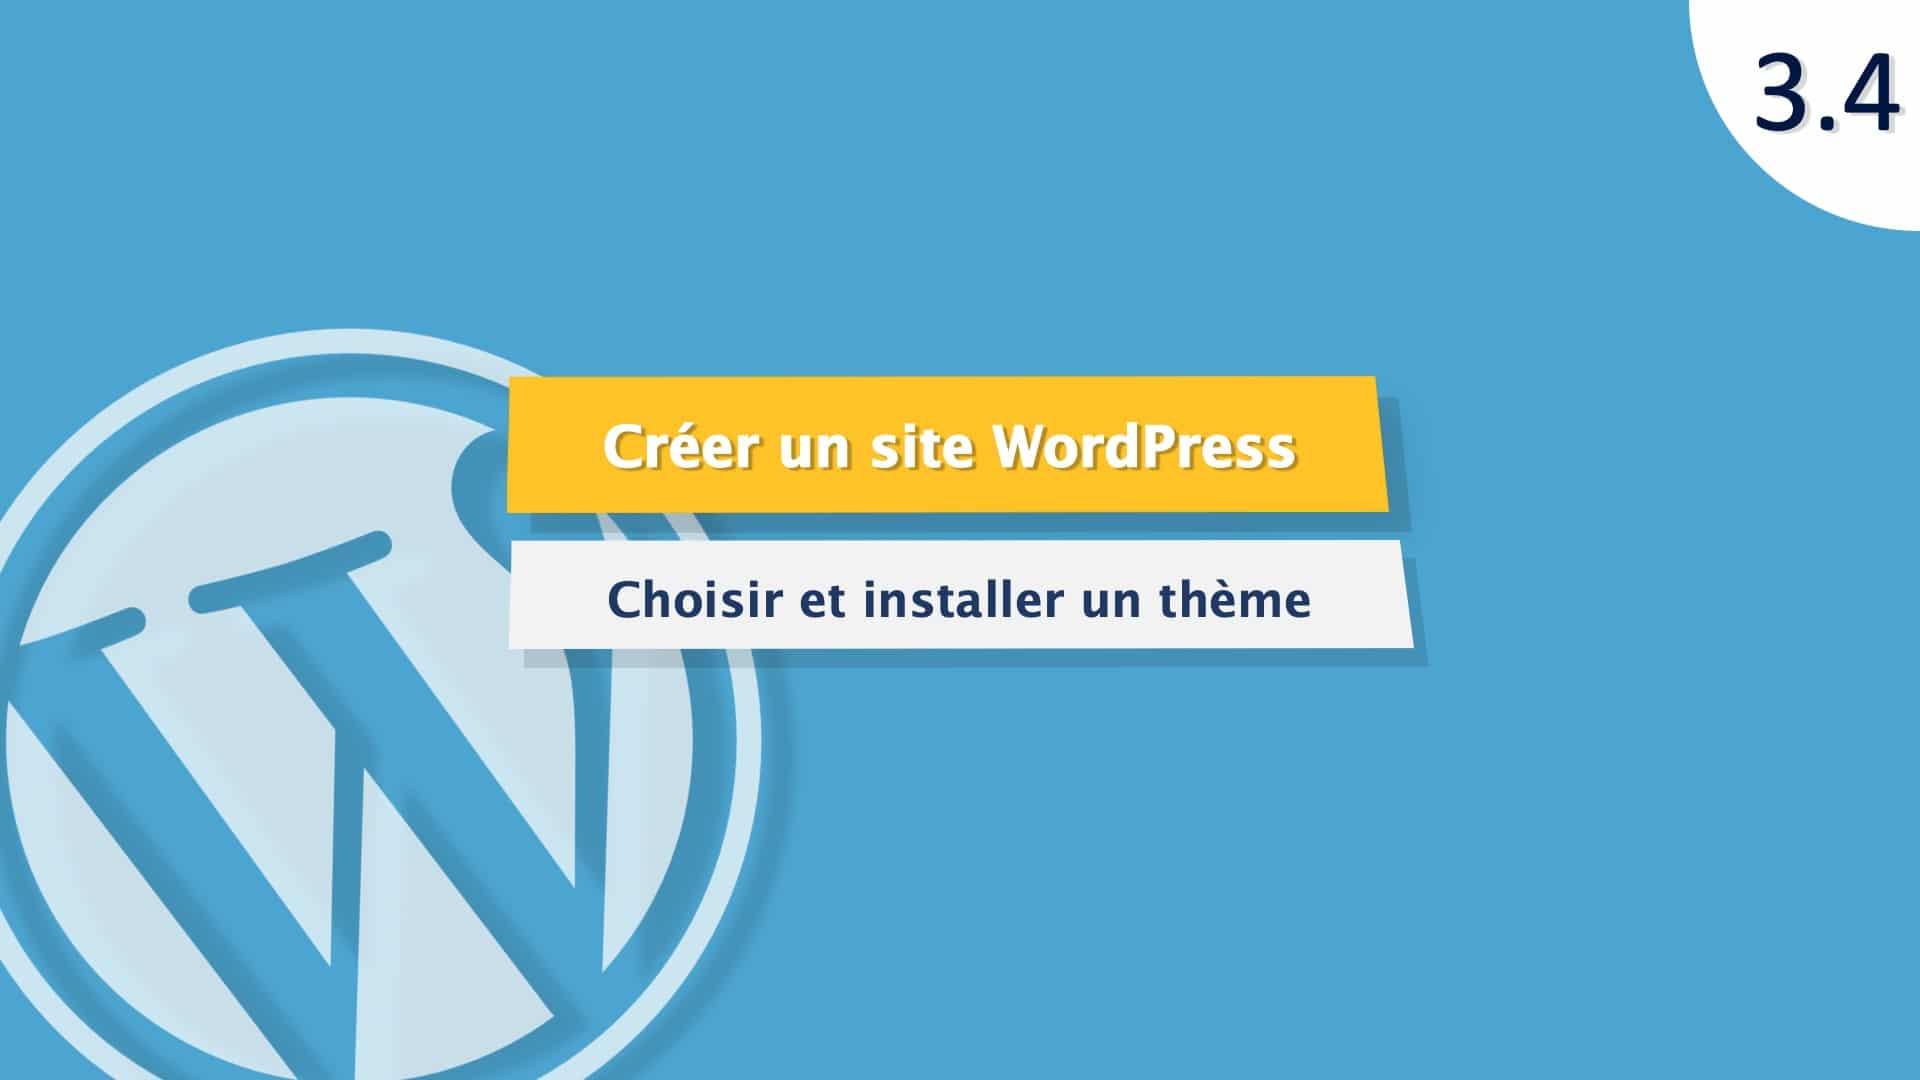 Tutoriel WordPress : Choisir et installer un thème WordPress